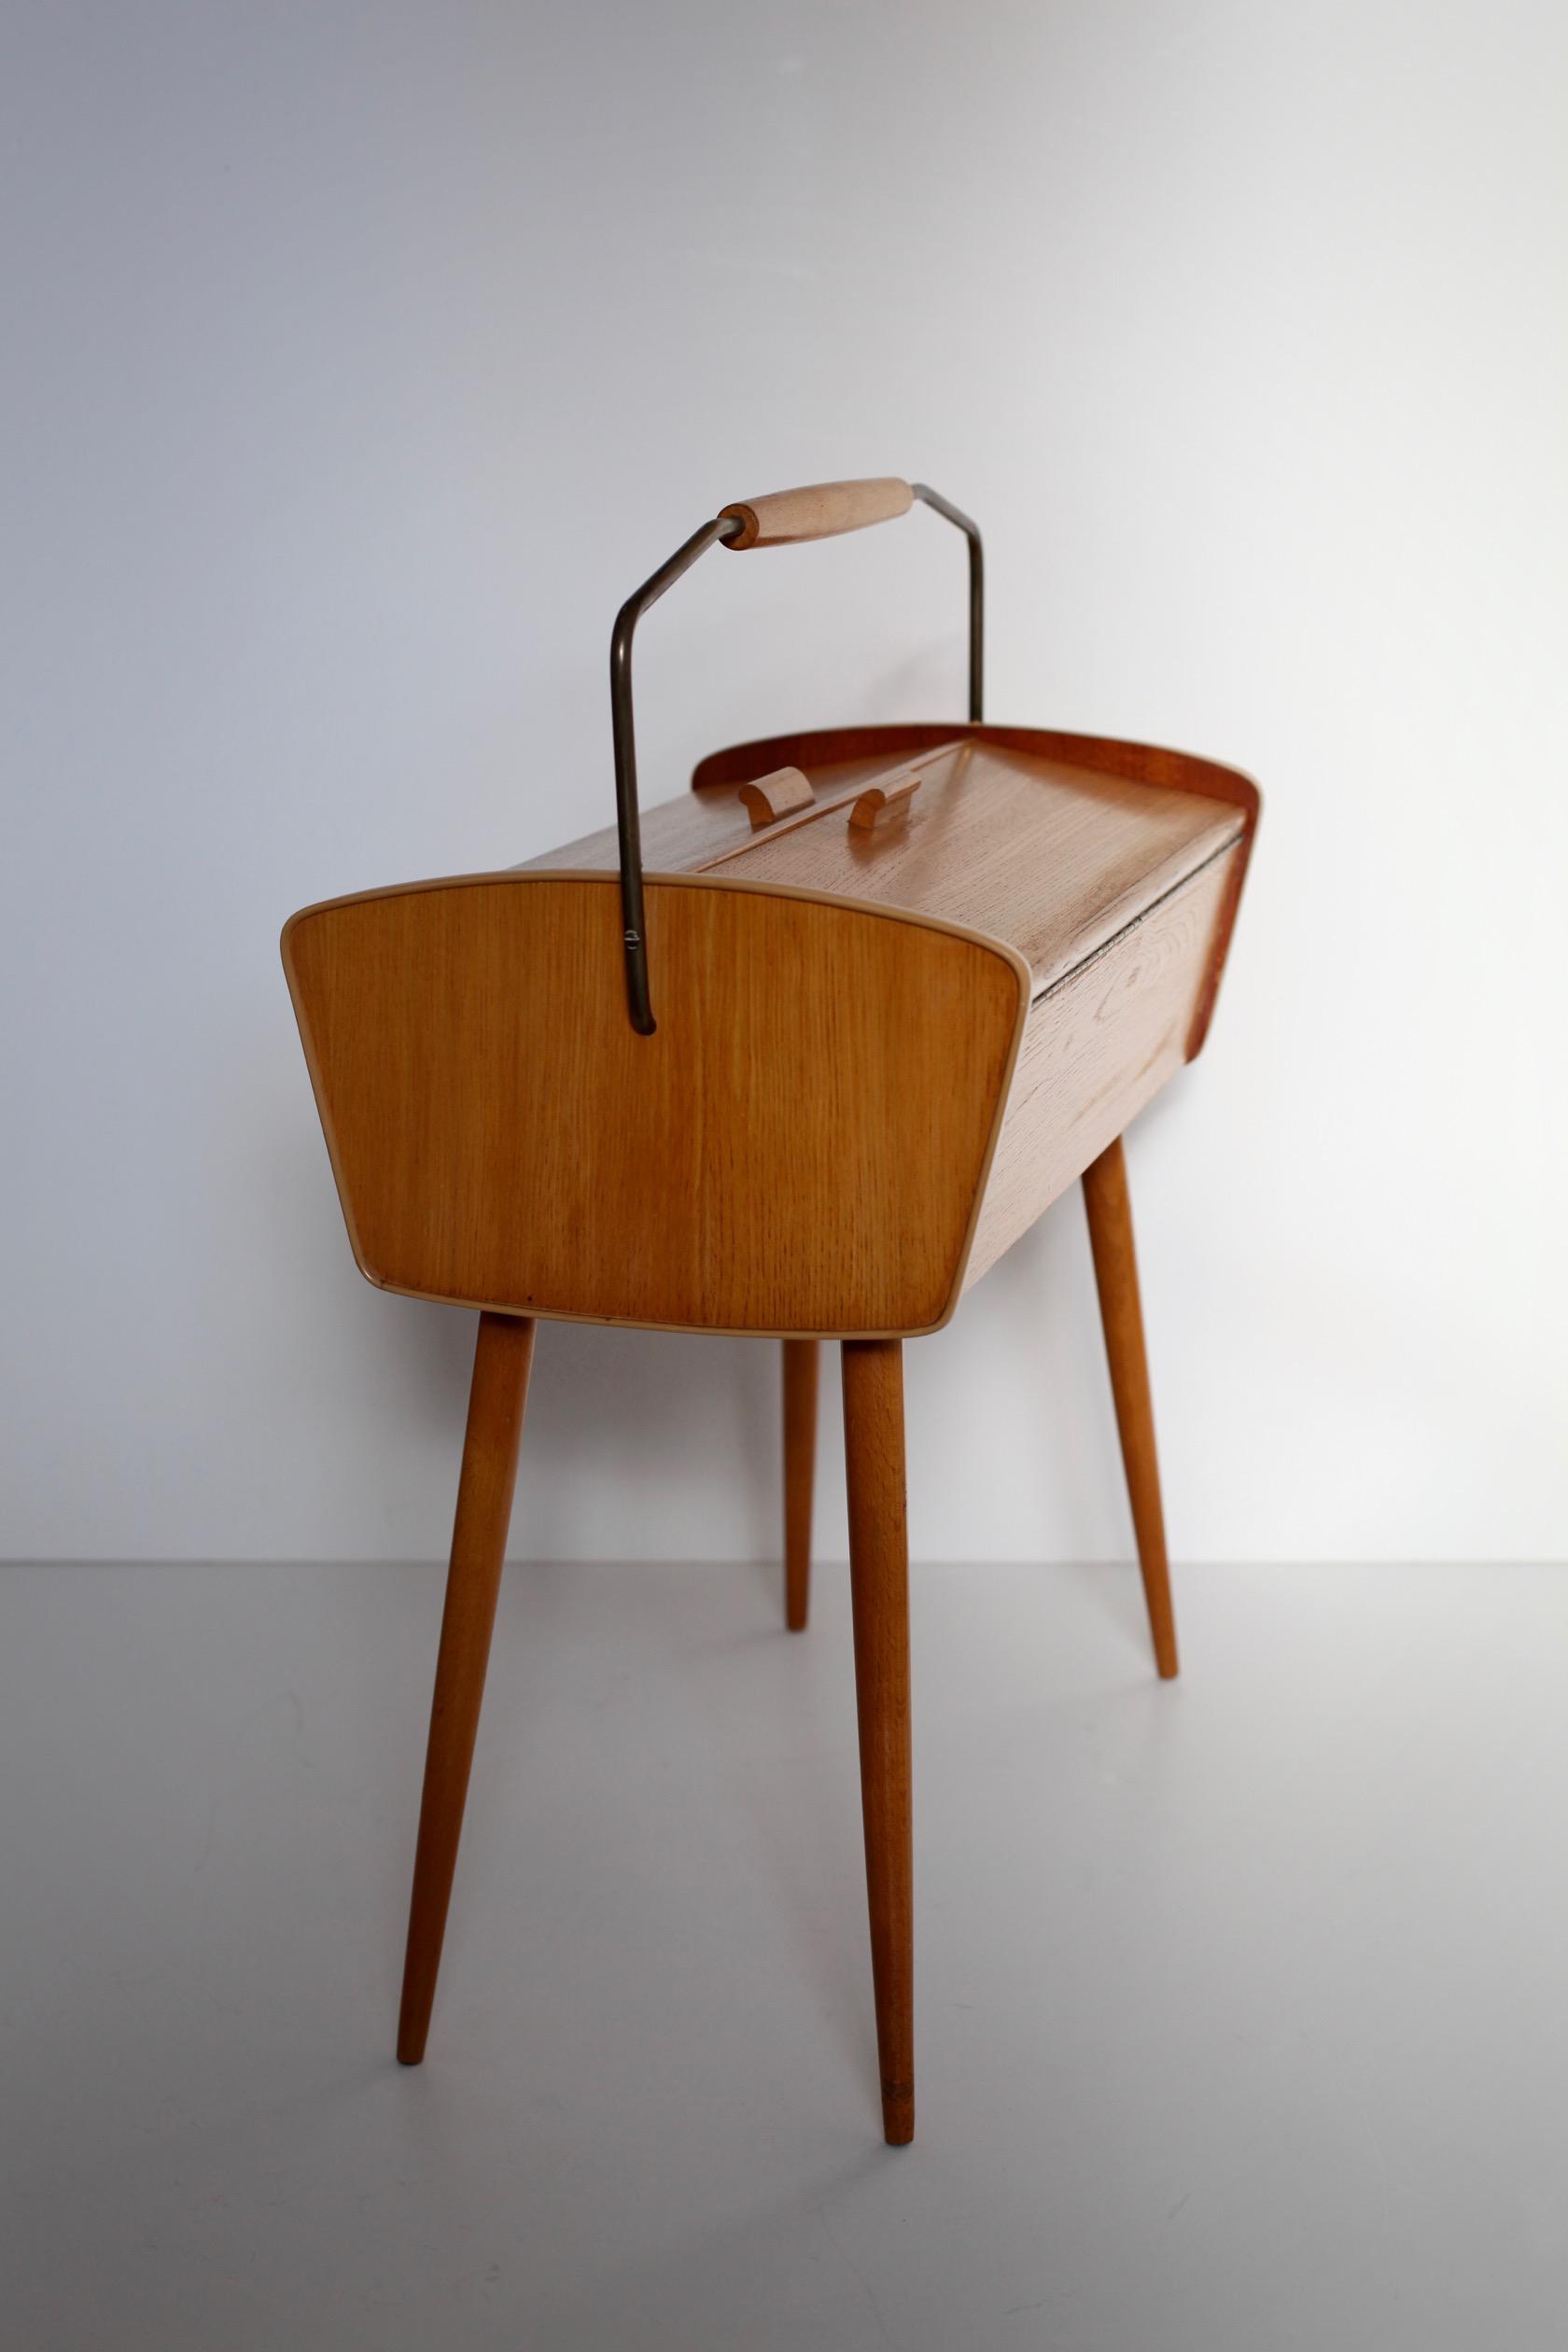 N hk stchen aus den 50er jahren raumwunder vintage for Sessel aus den 50er jahren